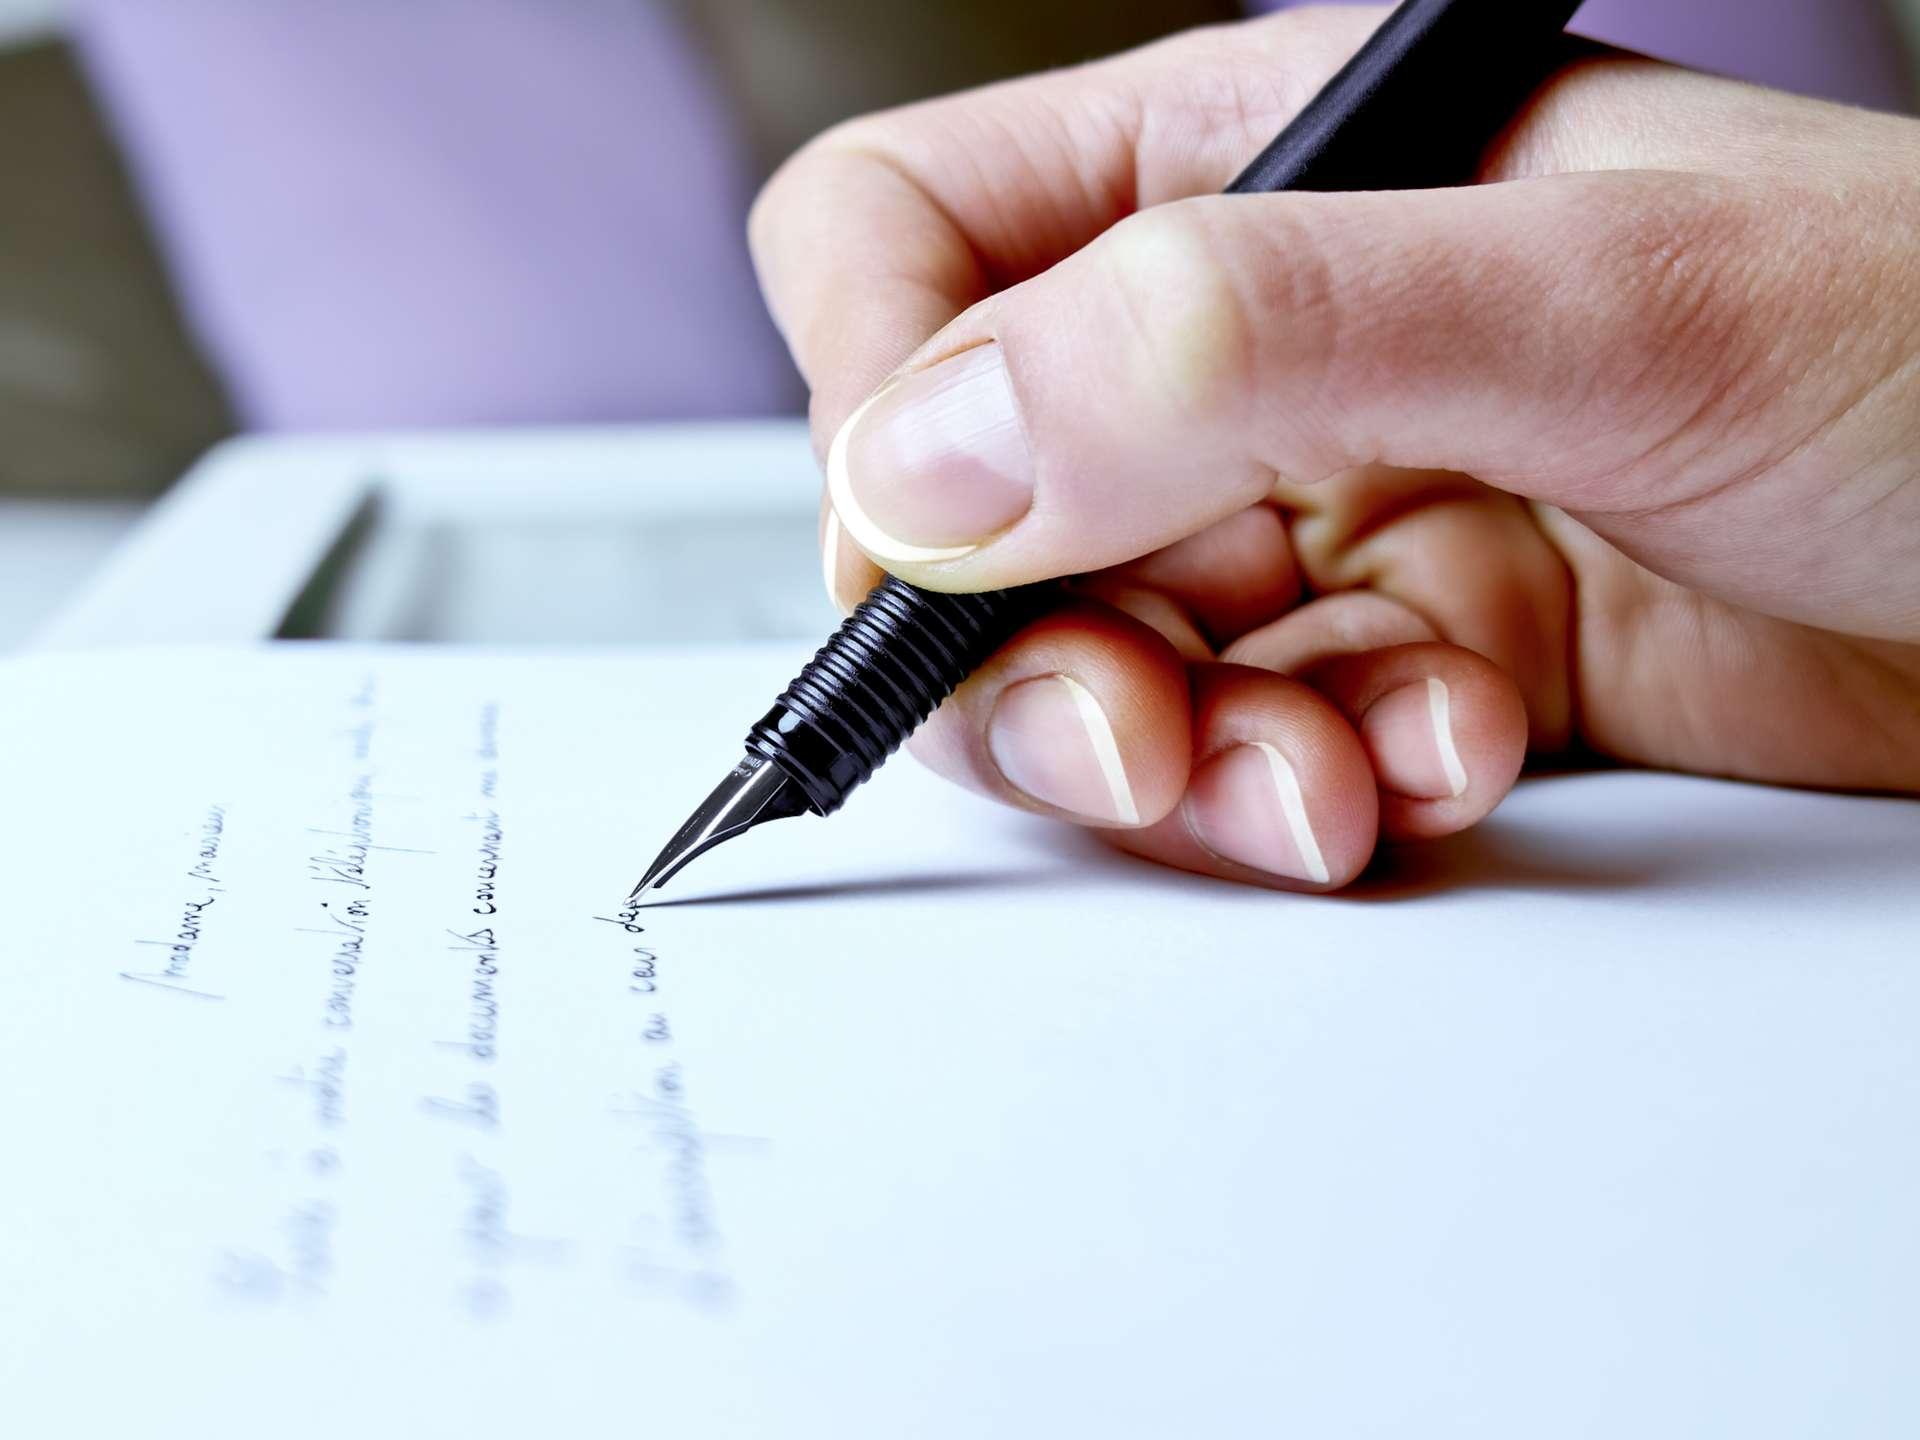 L'écriture manuscrite des lettres est la meilleure technique pour apprendre à lire. © Michael Nivelet, Adobe Stock